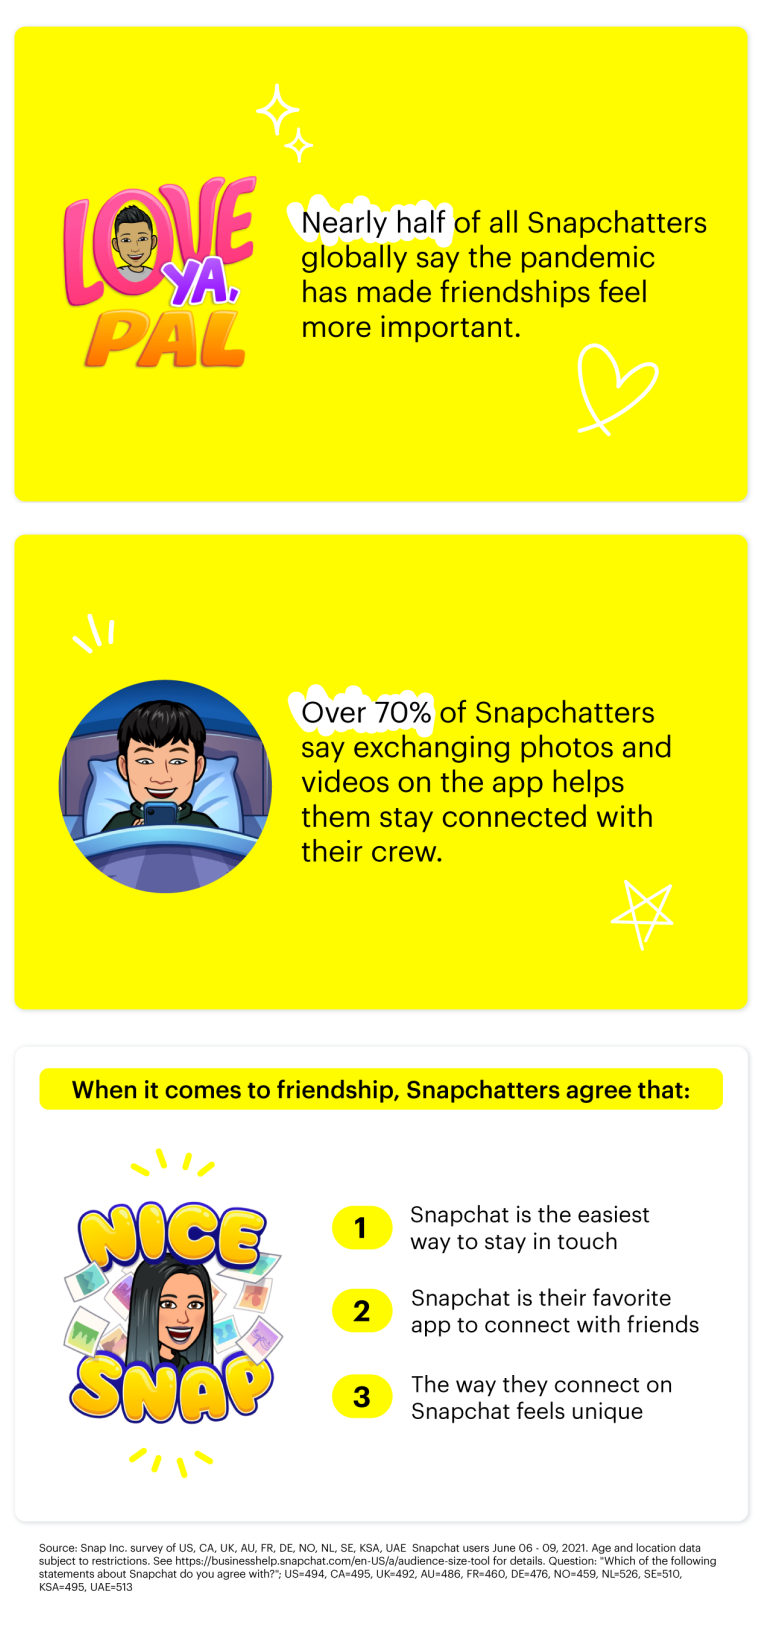 Snapchat Friendship Day data